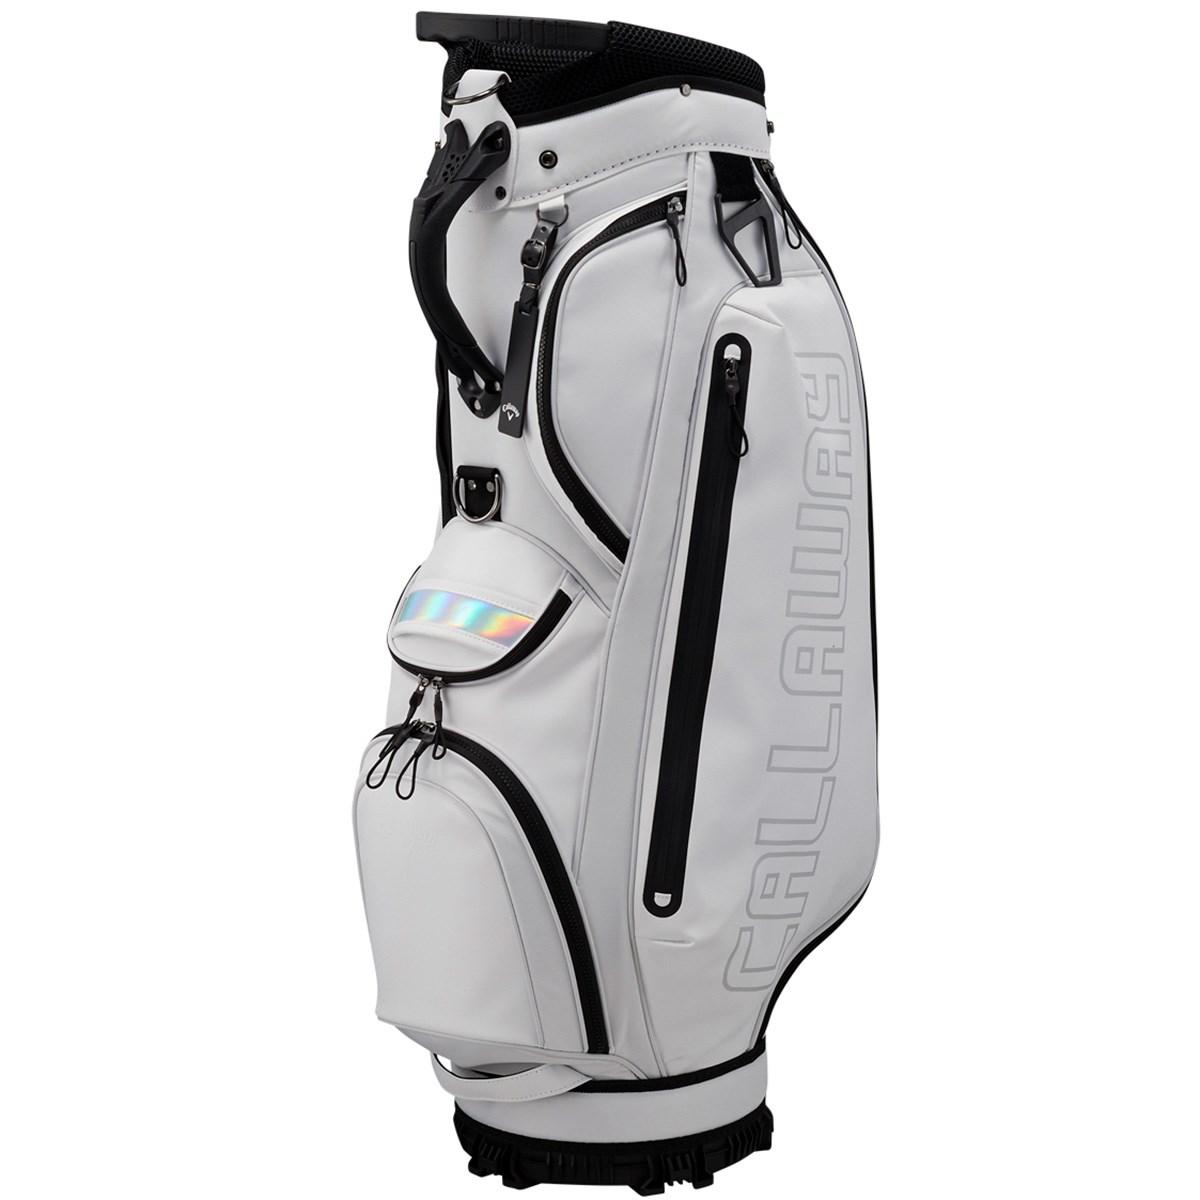 キャロウェイゴルフ(Callaway Golf) SPL-III キャディバッグ JM